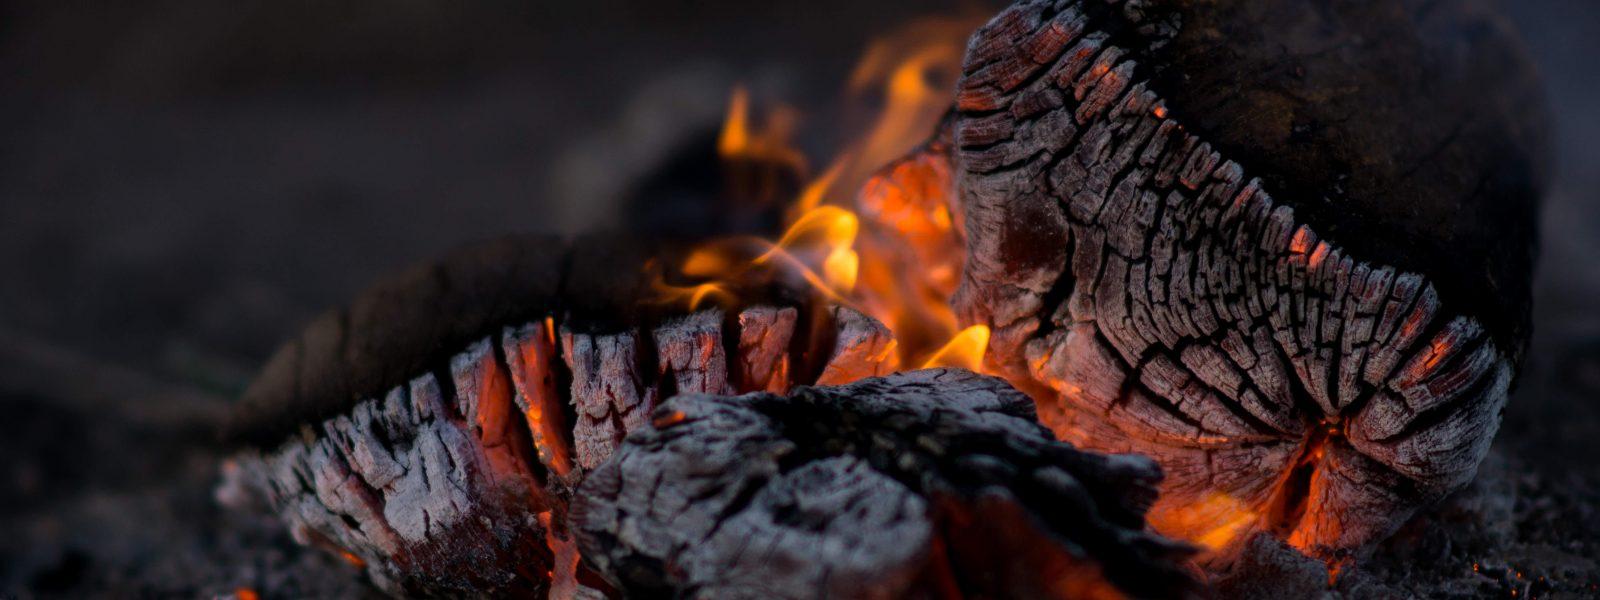 Fuego - Herramientas